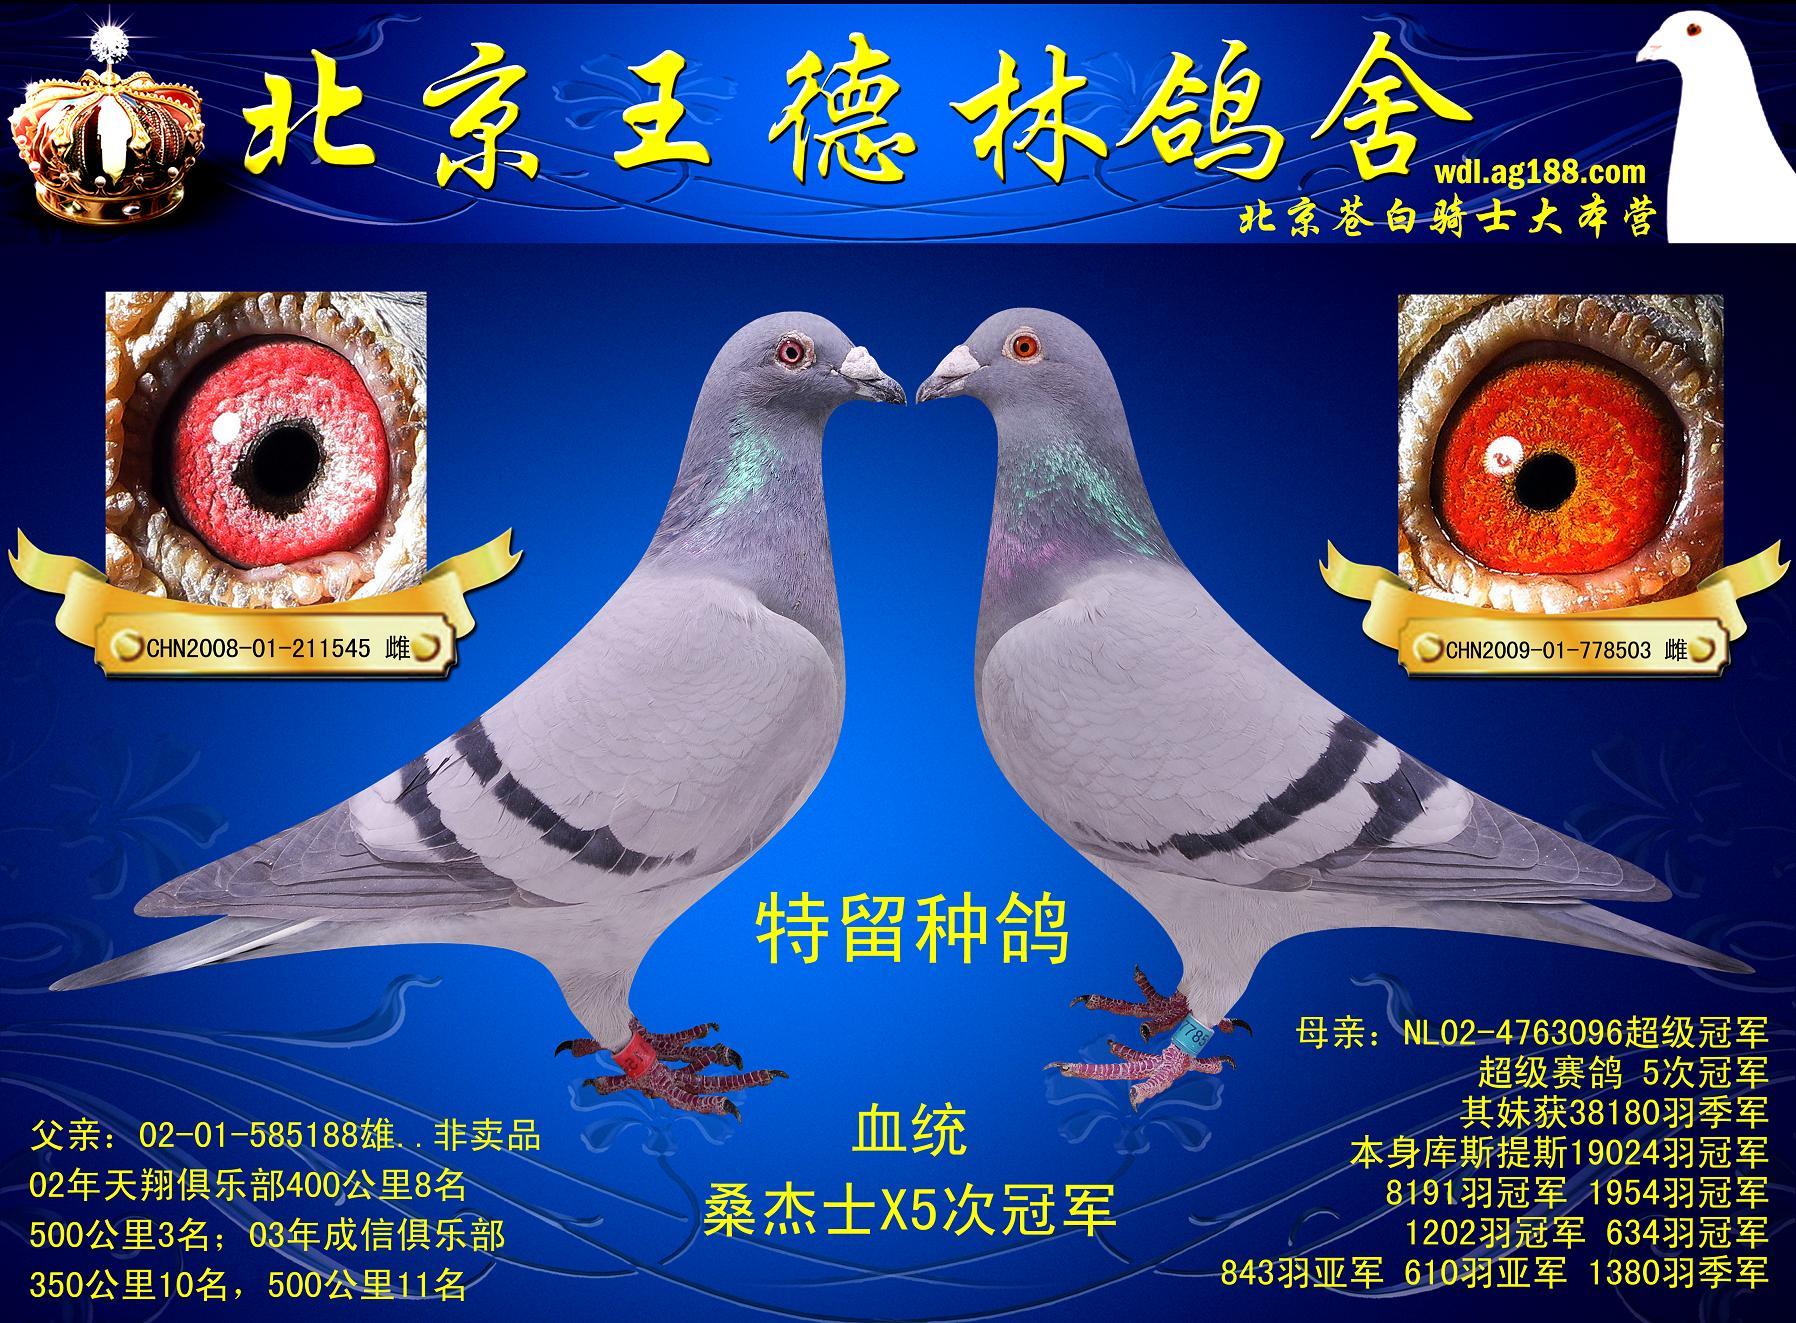 查信鸽脚环号的网站